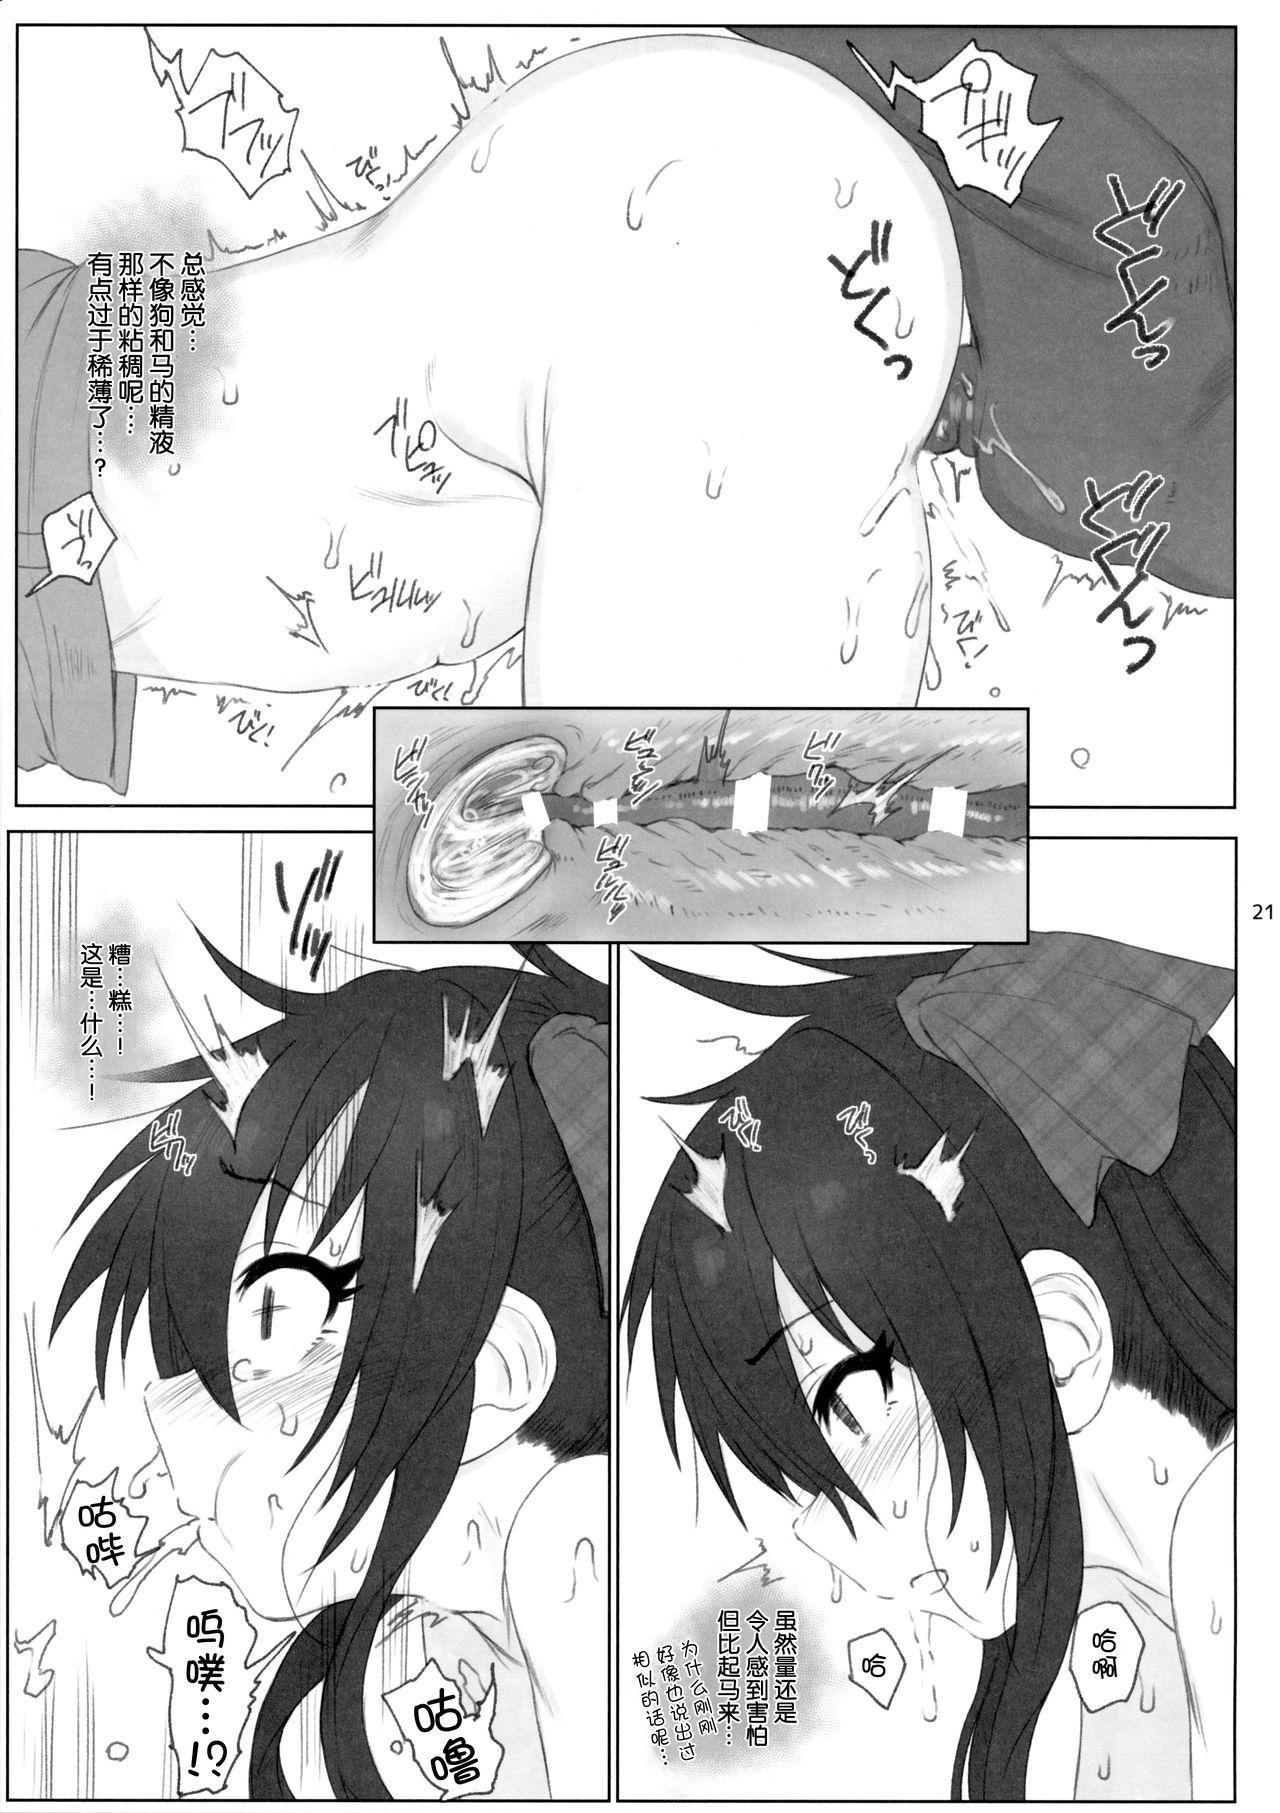 Matoba Risa-chan de Manabu Doubutsu no Koubi 20